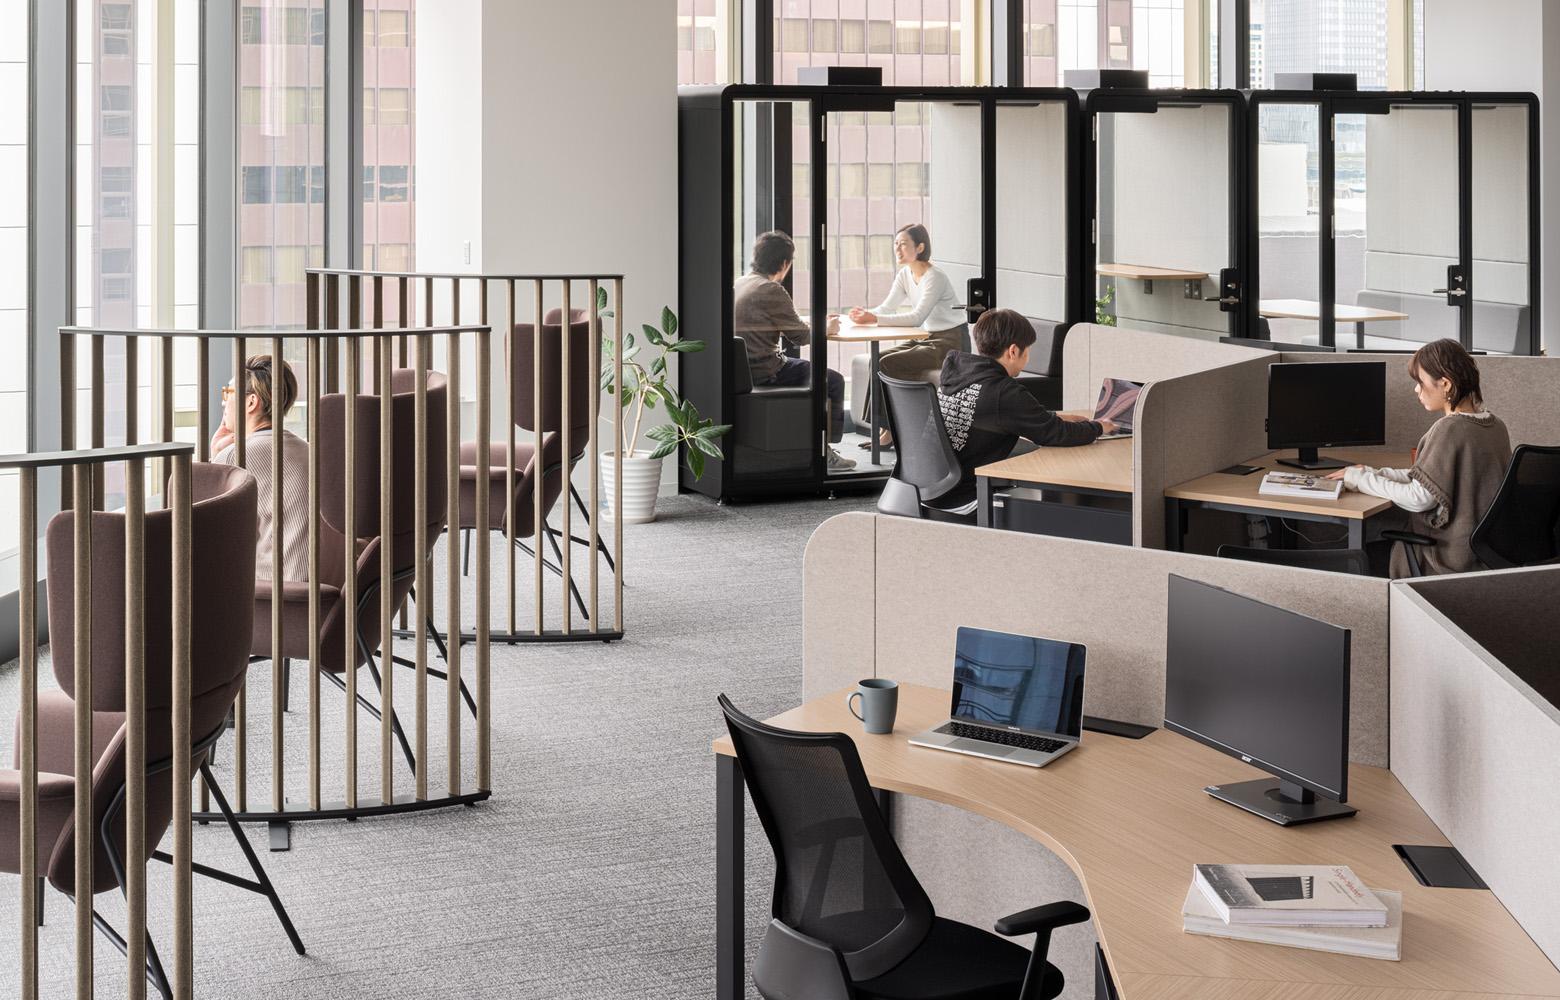 日本成長投資アライアンス株式会社 Work Space デザイン・レイアウト事例